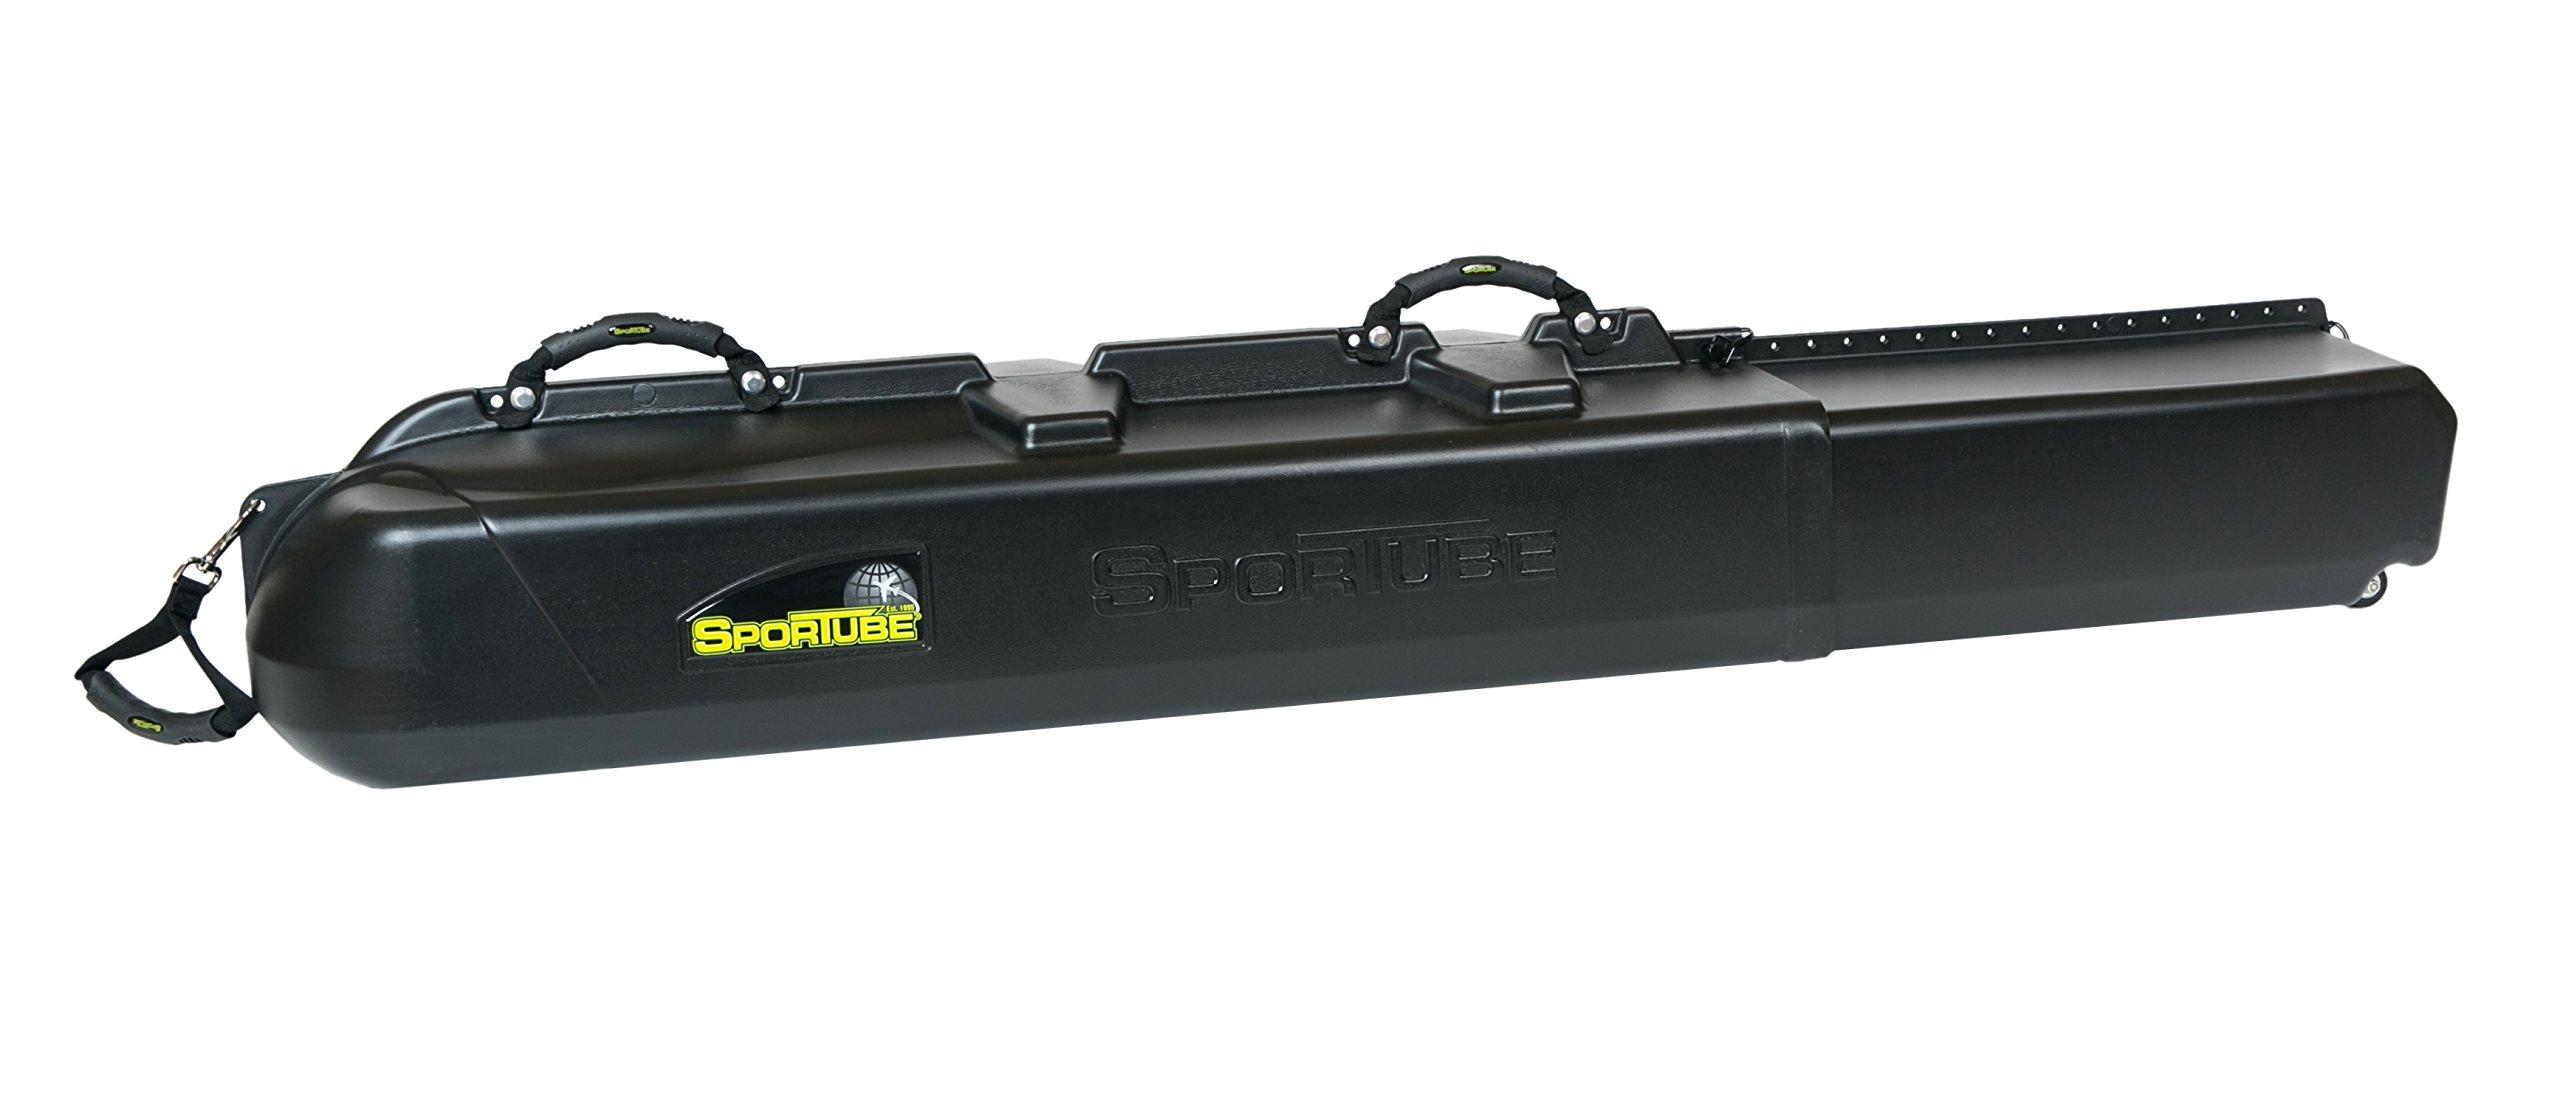 Sportube Series 3 Snowboard or Multi-Ski Travel Case